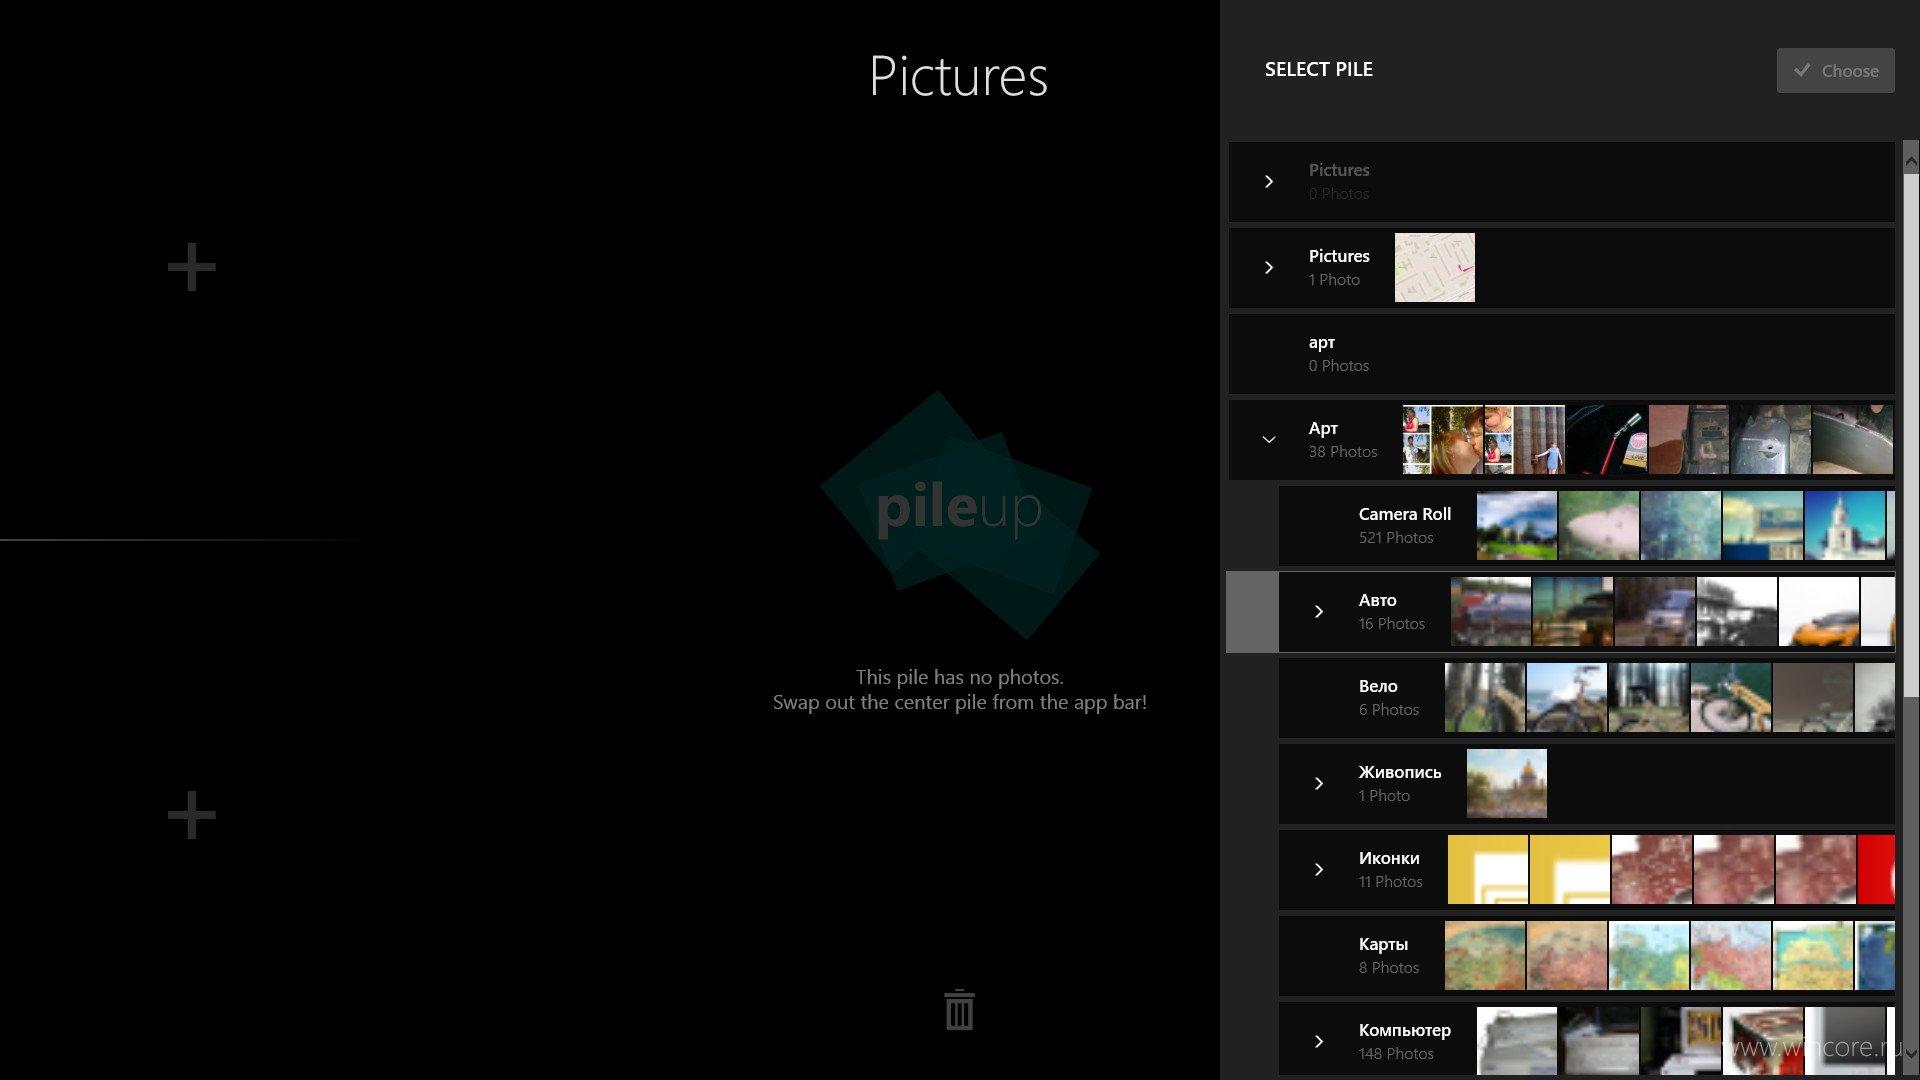 ... приложение для сортировки фотографий: www.wincore.ru/programs/1240-pileup-originalnoe-prilozhenie-dlya...